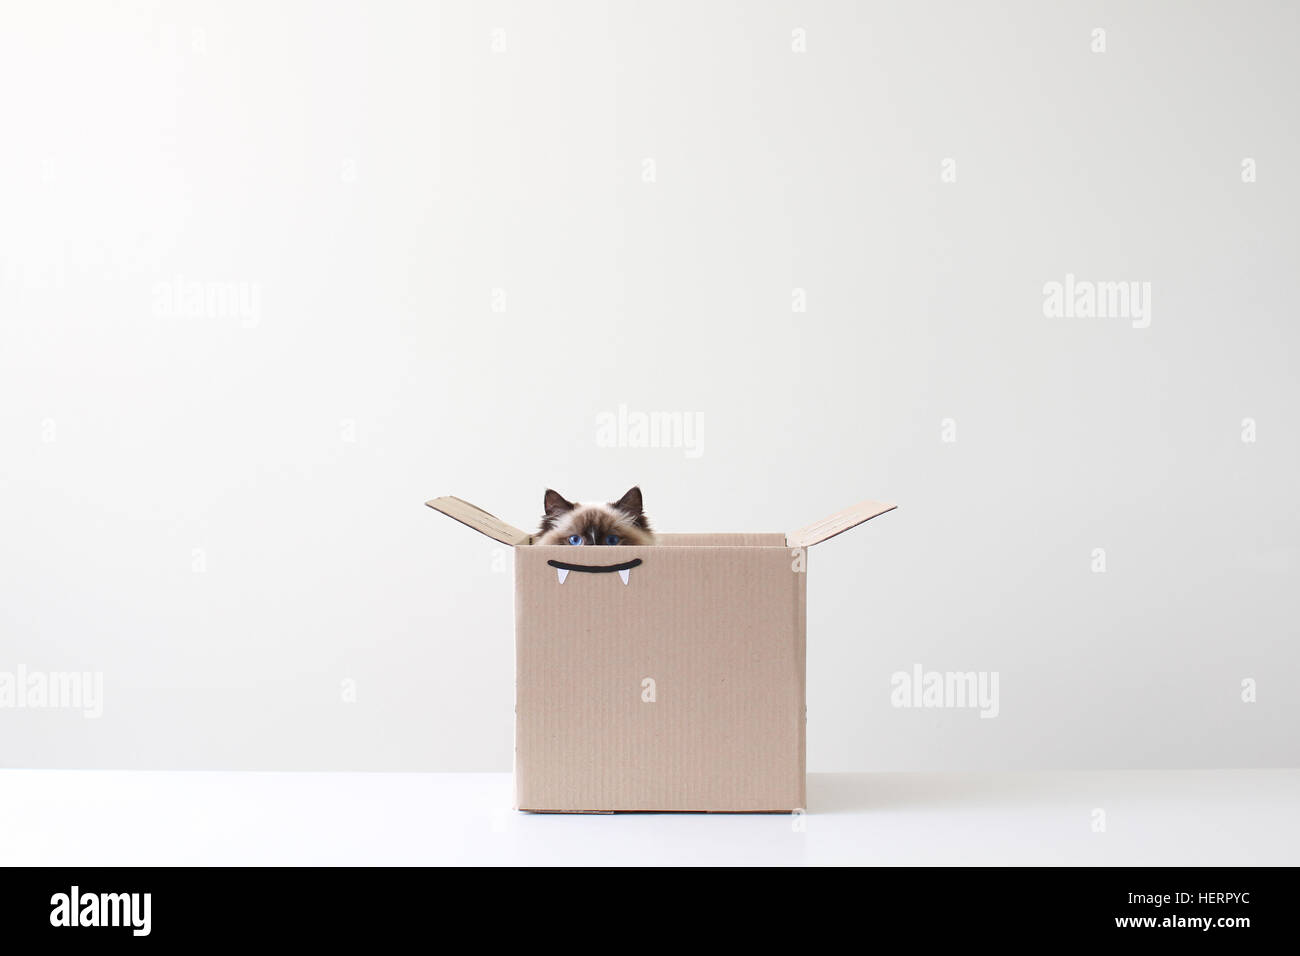 Gatto Ragdoll nascondere in una scatola di cartone con denti vampiro disegno Immagini Stock